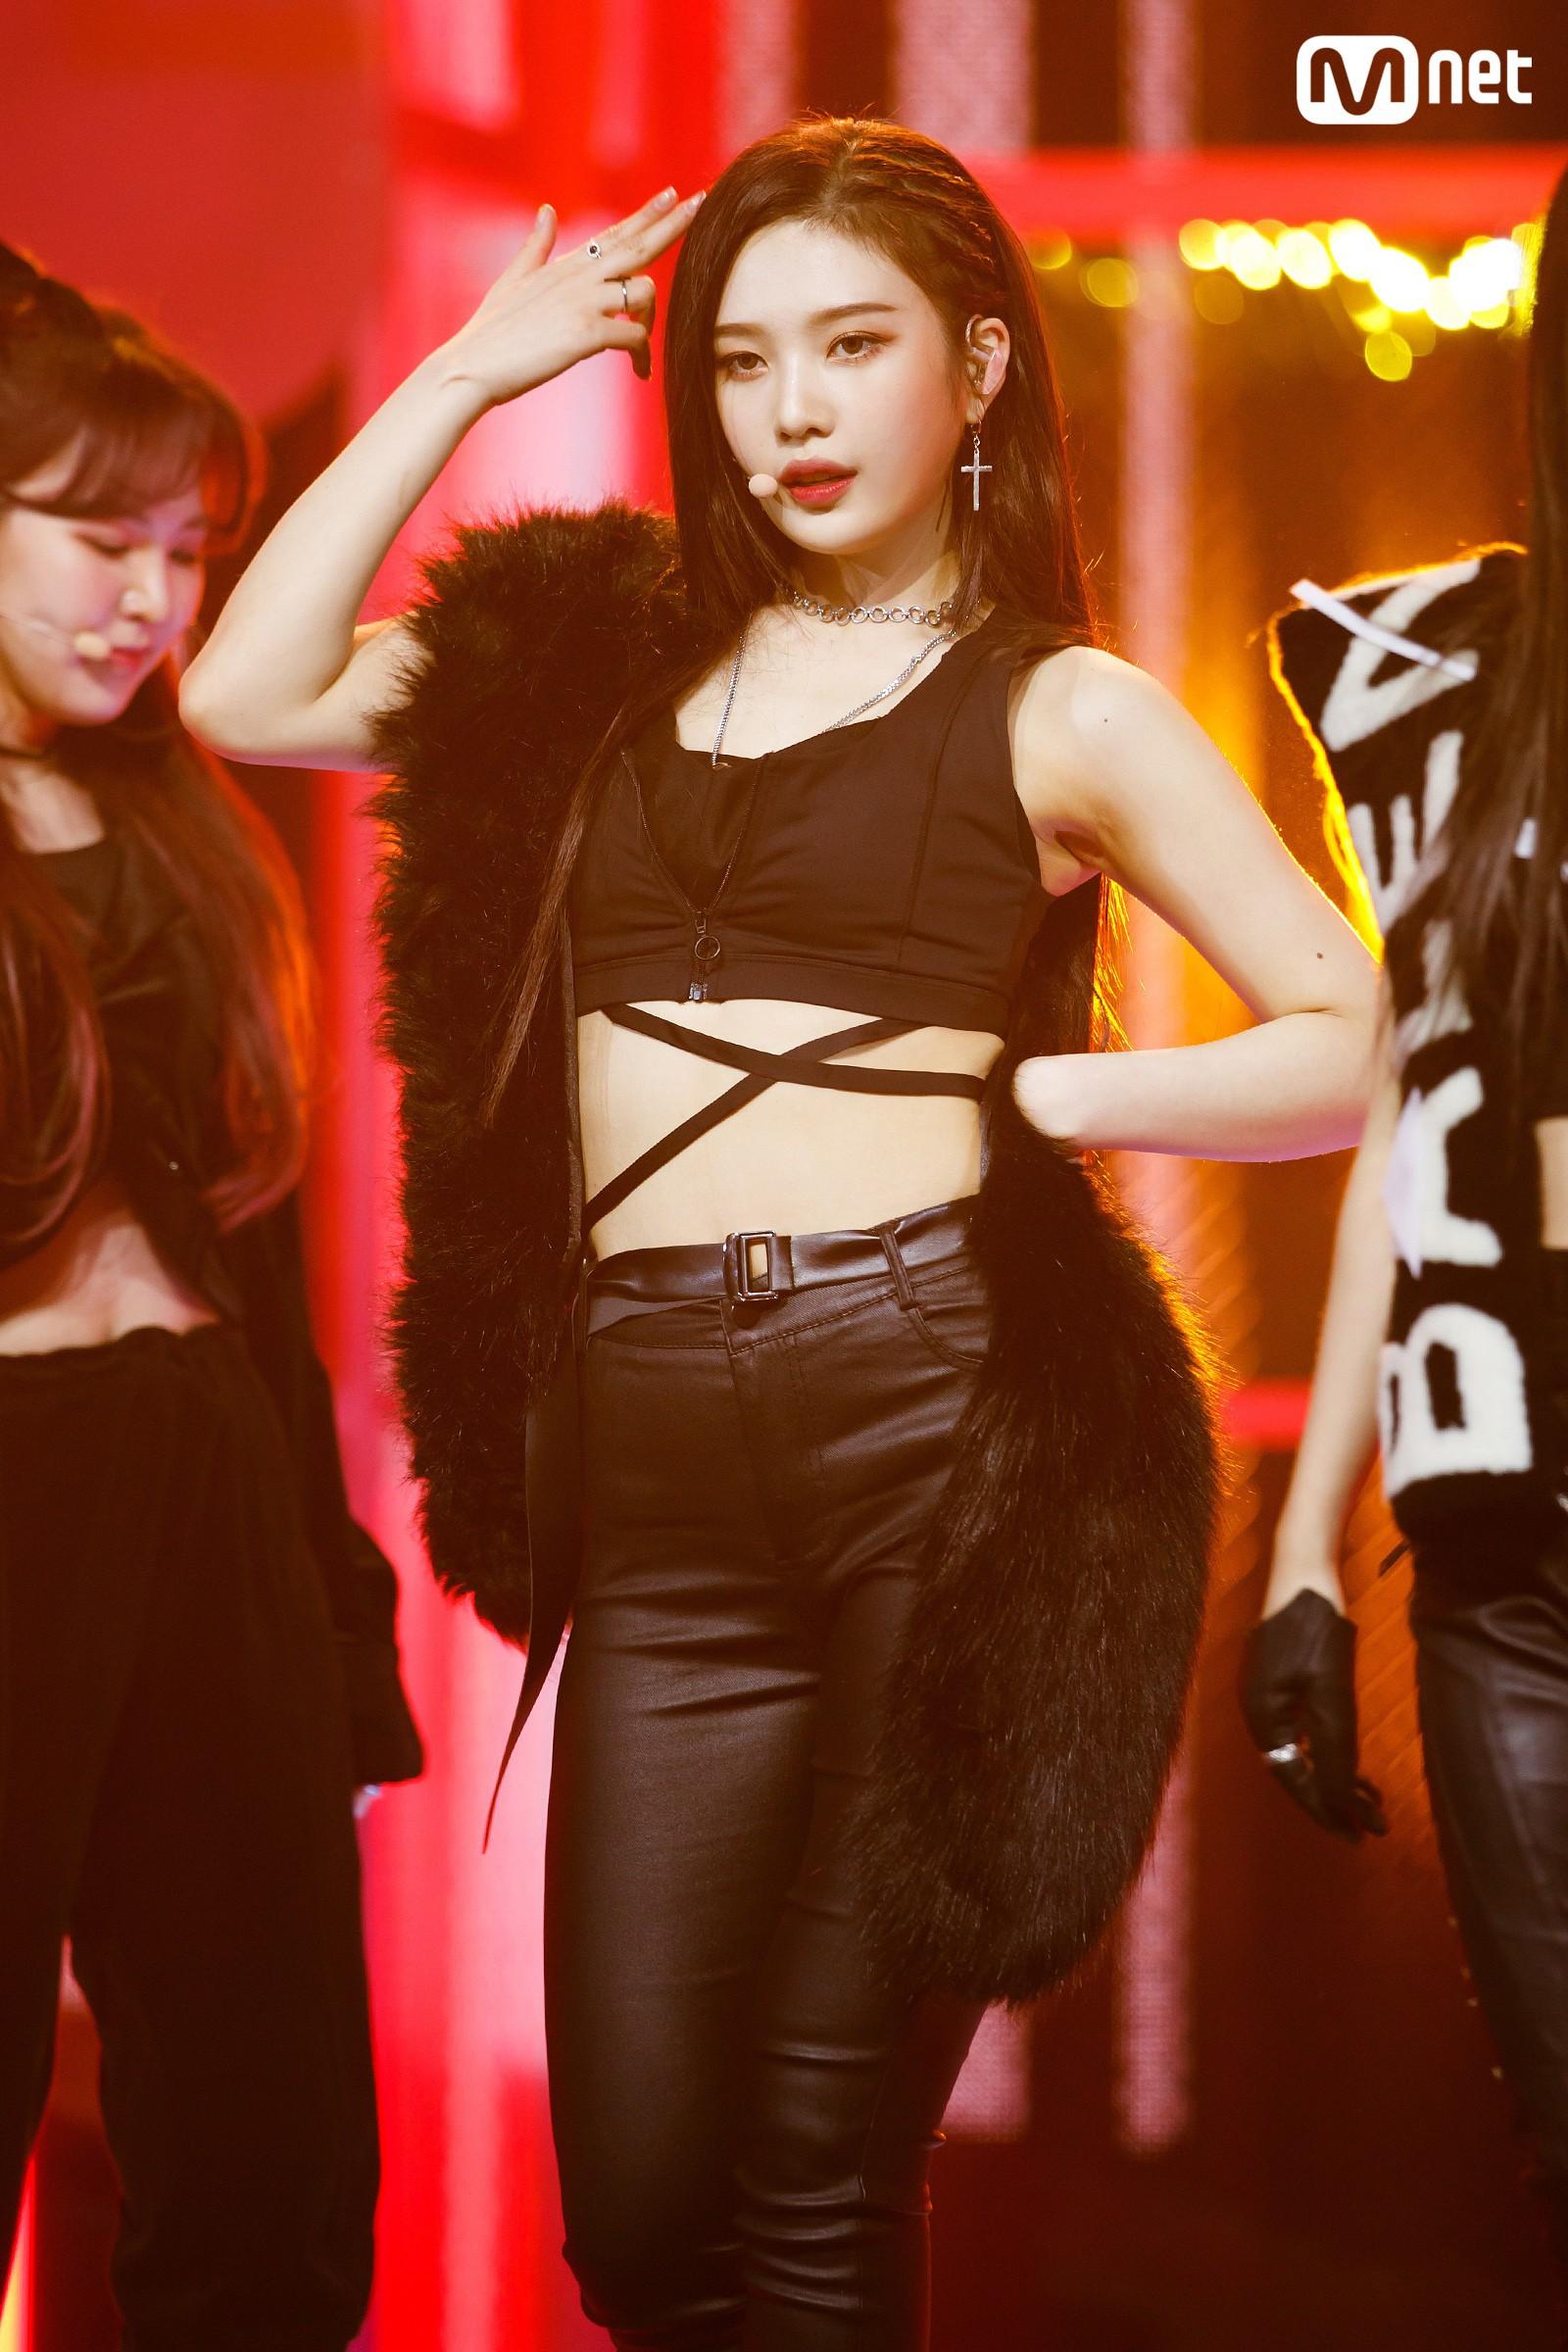 Bất chấp trời lạnh, loạt idol Hàn vẫn sexy hết tầm trên các sân khấu cuối năm - Ảnh 1.